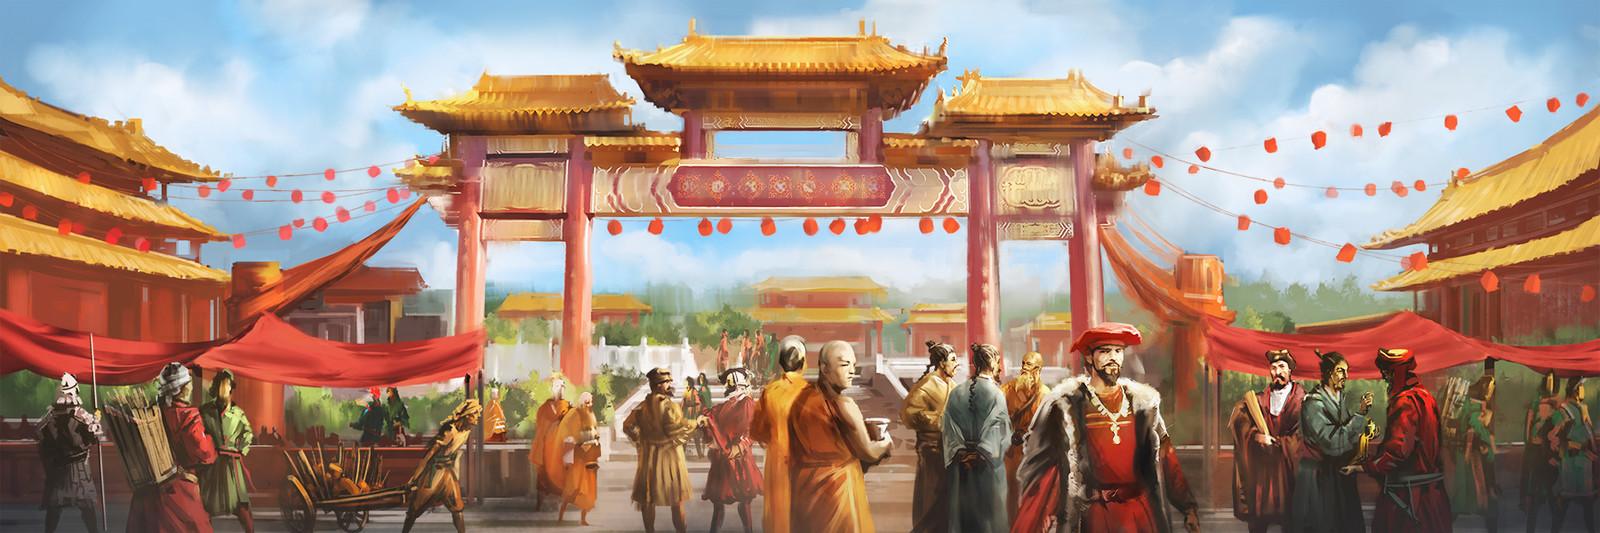 China turns open